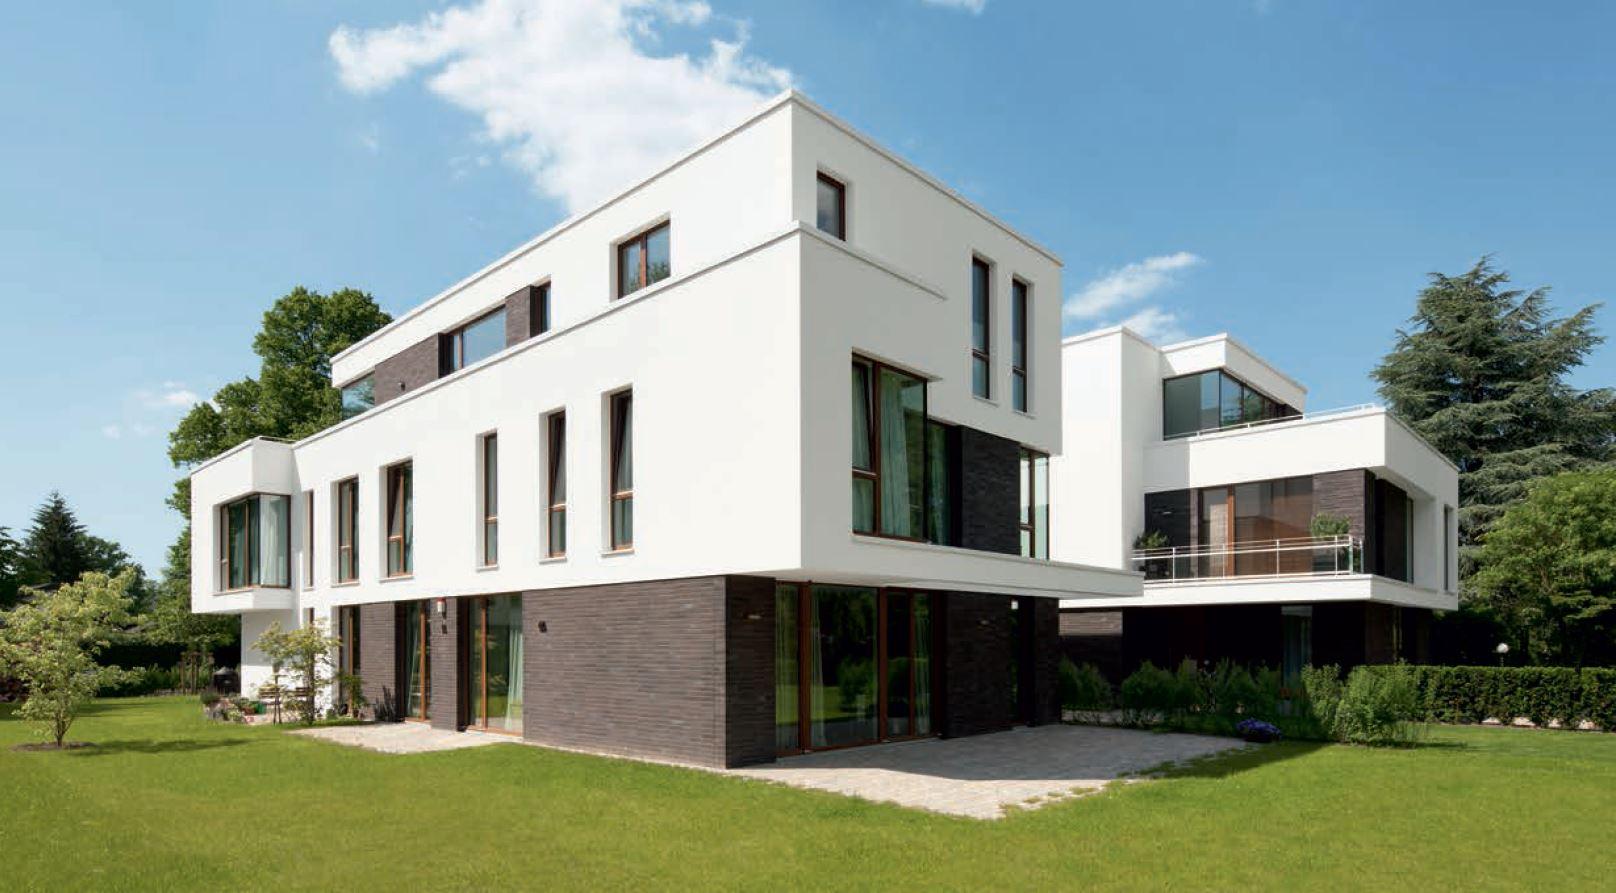 stadtvillen in othmarschen hamburg bn architekten hamburg handelsvertretung allplan. Black Bedroom Furniture Sets. Home Design Ideas